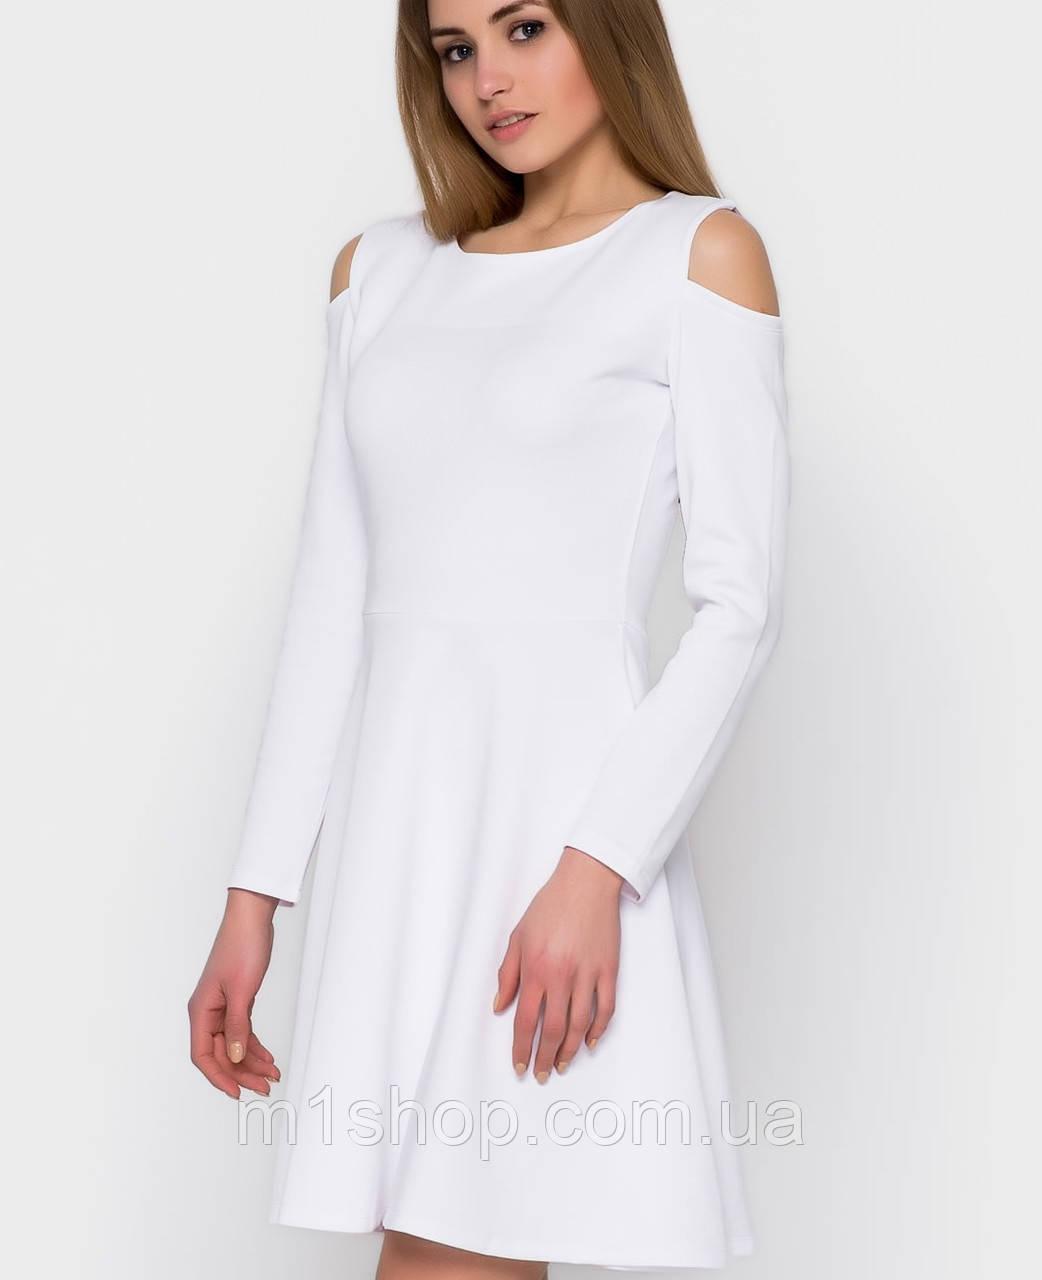 Платье с открытыми плечами | Anri sk